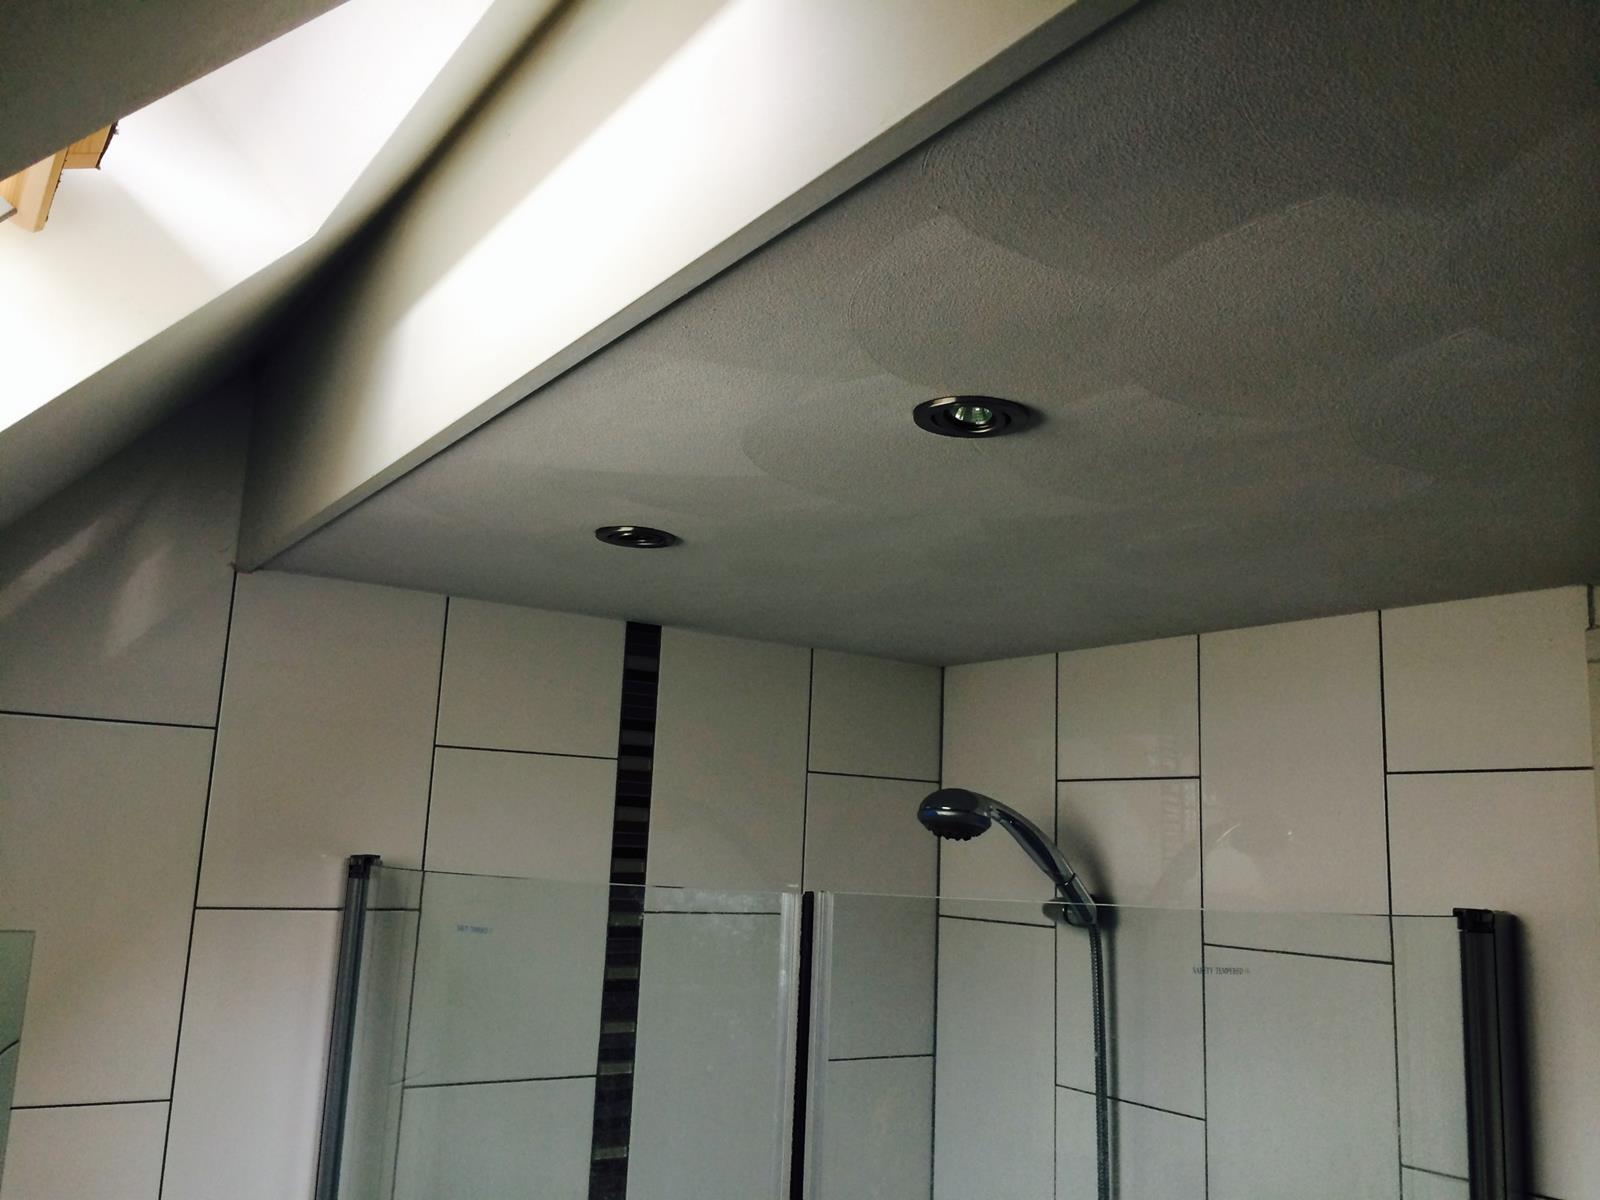 Badkamer Plafond Latex : Plafond in badkamer. great plafond in badkamer with plafond in